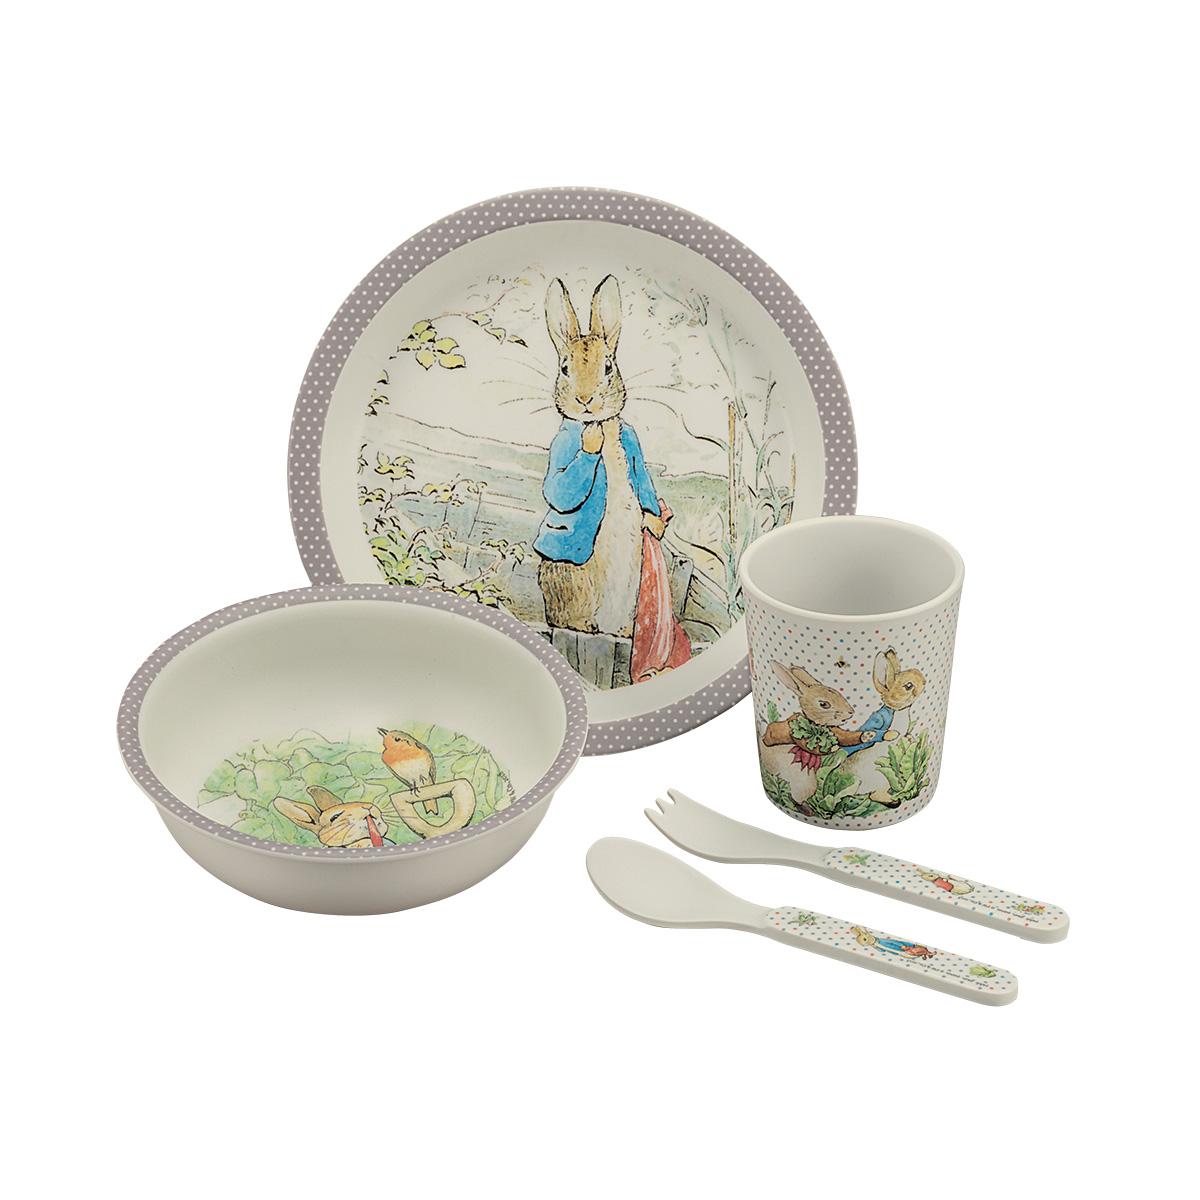 Coffret repas Bambou Beatrix Potter GRIS petit jour paris